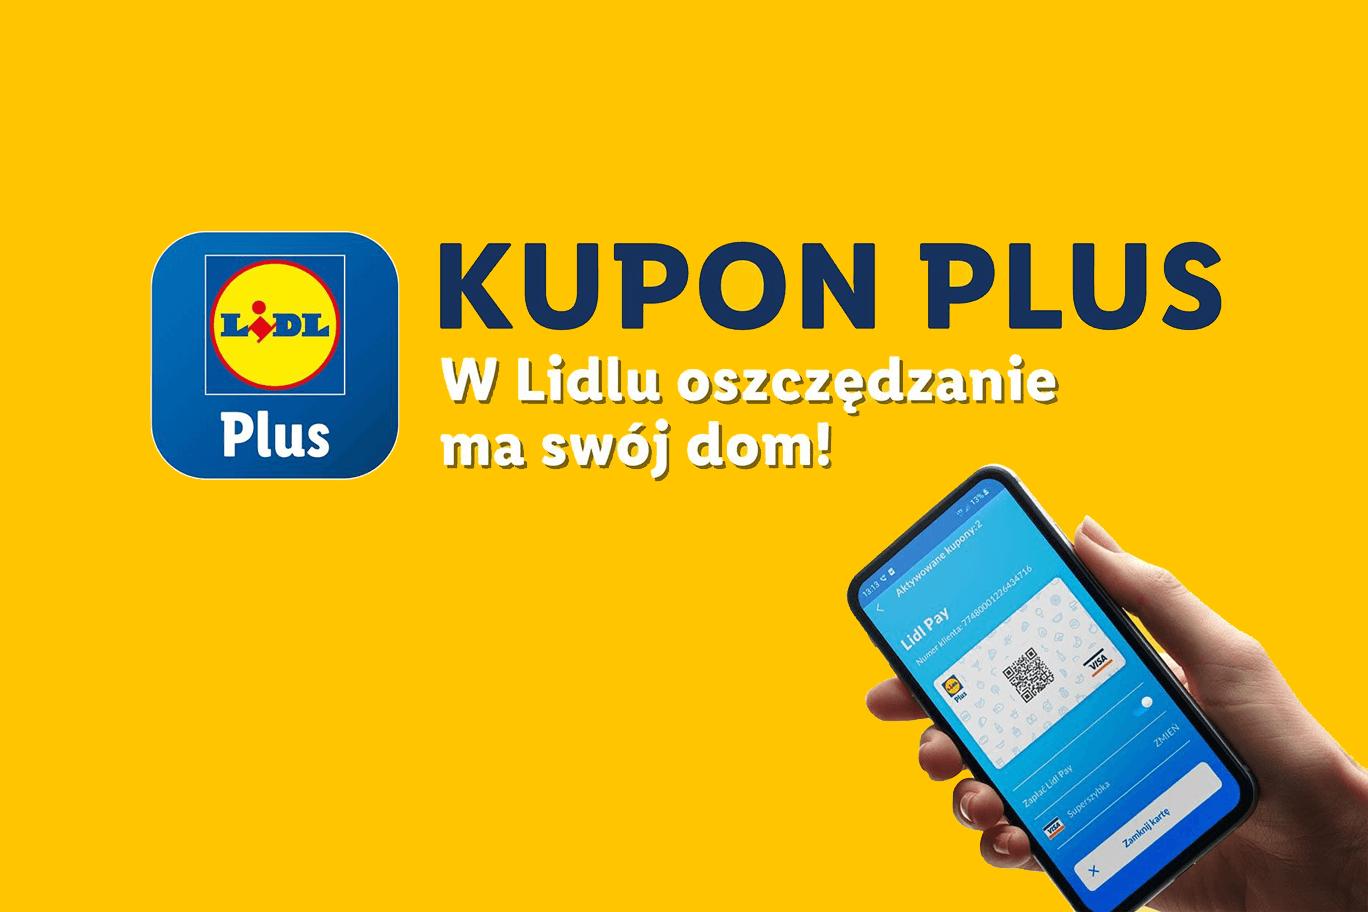 Kupuj z aplikacją Lidl Plus i odbieraj kupony promocyjne